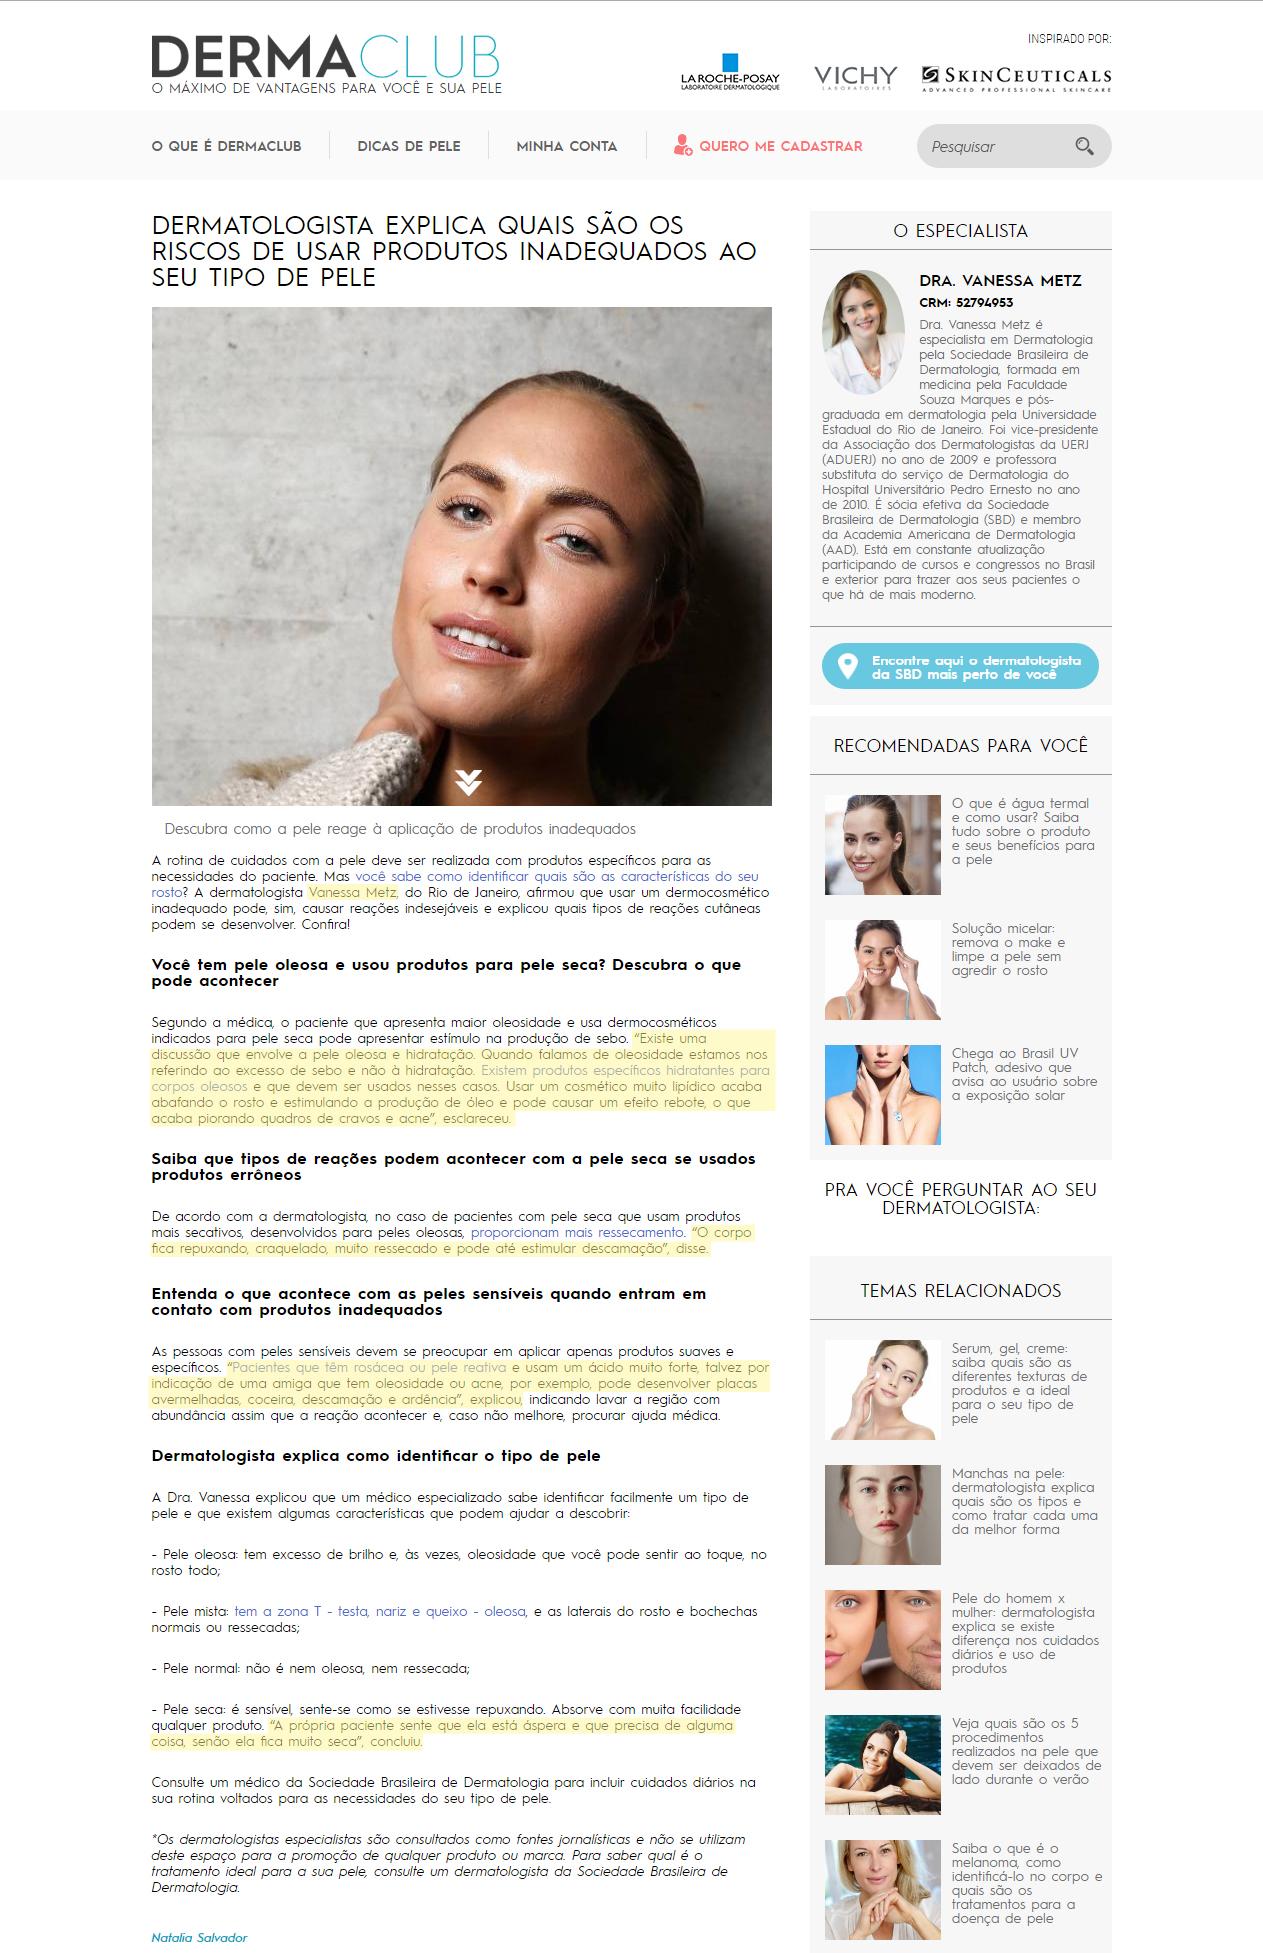 Site Dermaclub - junho - Dermatologista explica quais são os riscos de usar produtos inadequados ao seu tipo de pele